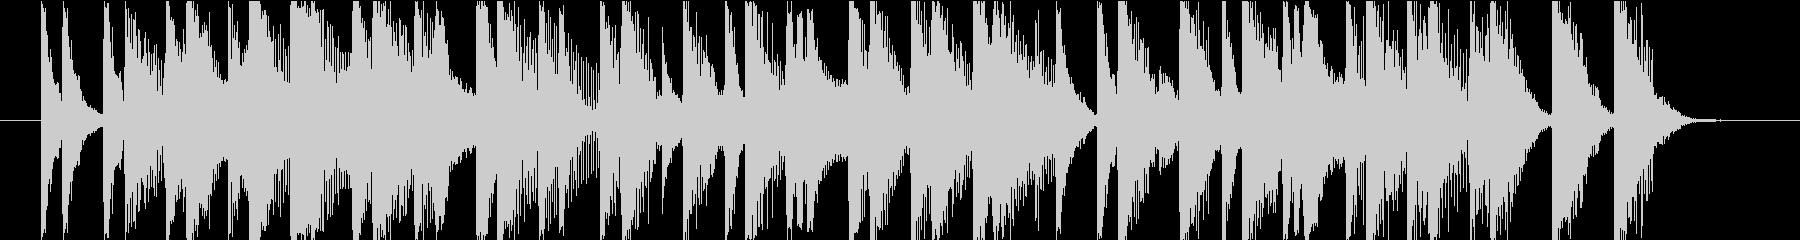 15秒CMの12 和風 お囃子 陽気の未再生の波形